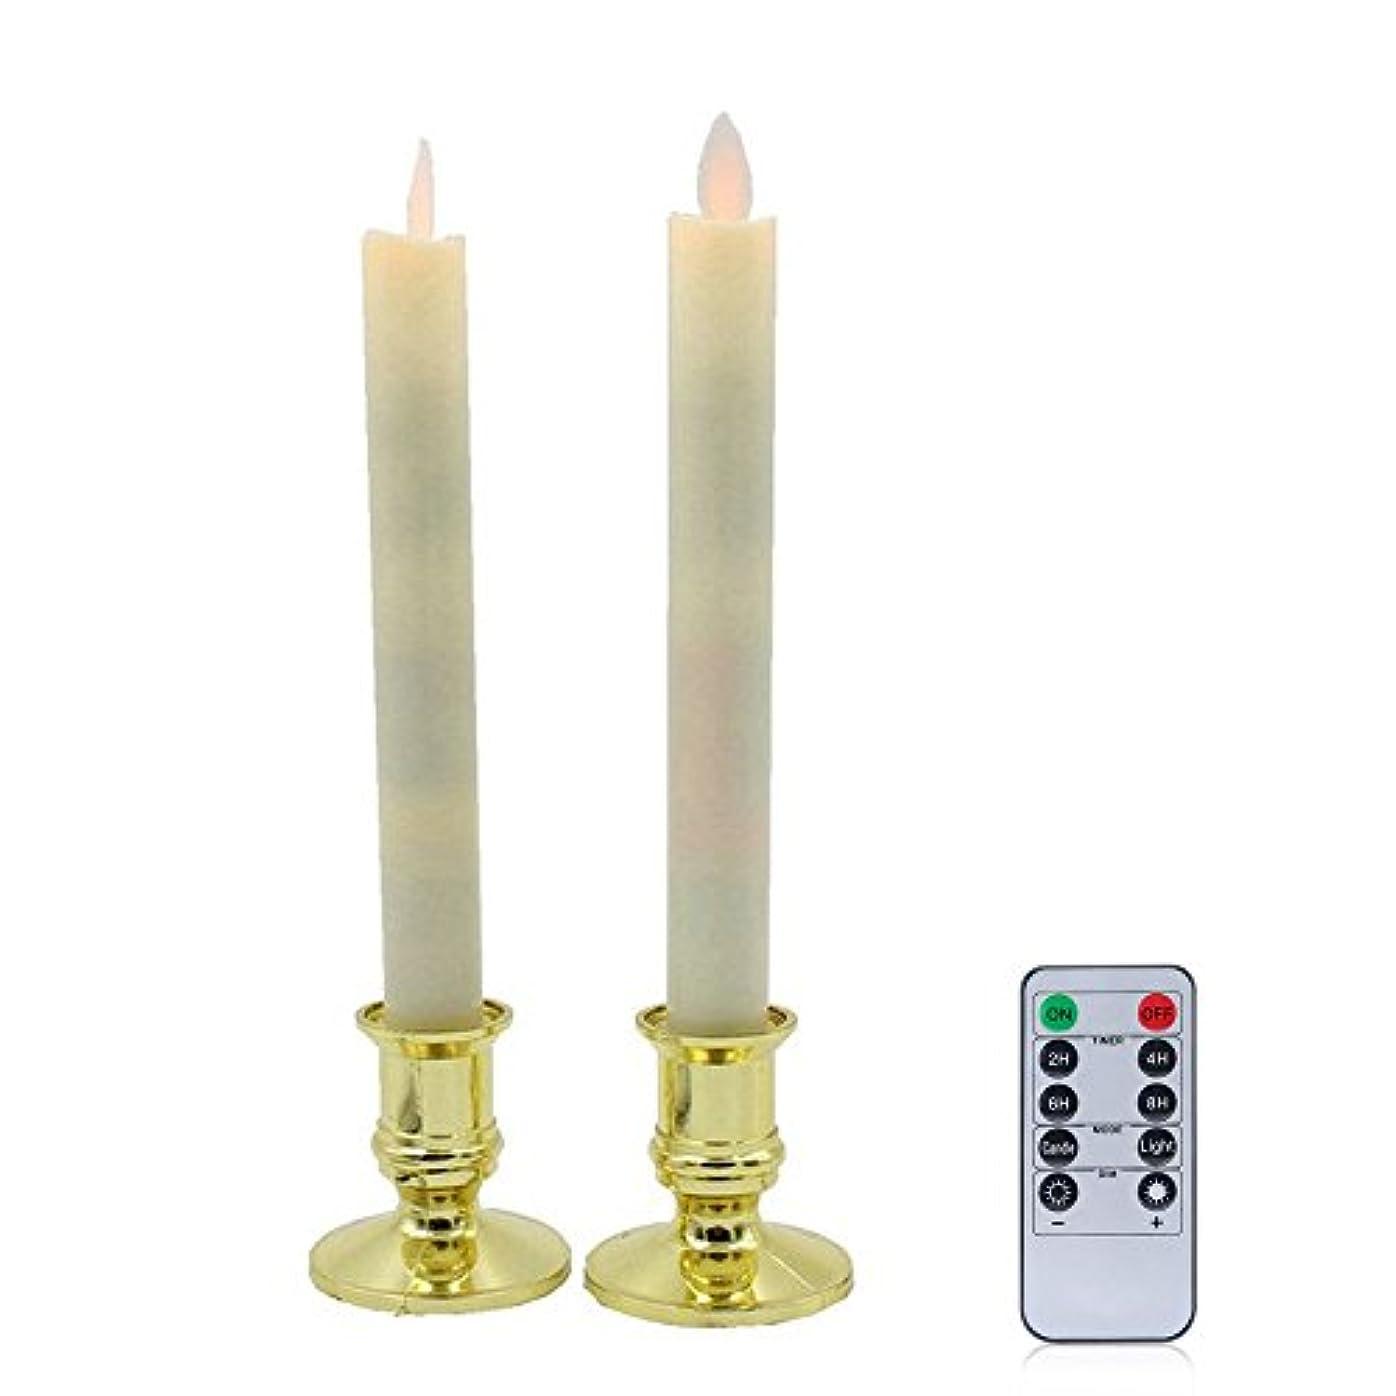 株式会社ホーム作り上げるRUmfOテーパウィンドウFlameless Candles with Removableゴールドホルダー、電動ウィンドウキャンドルランプwithリモートタイマー電池式誕生日ウェディングホームパーティー装飾セットの2